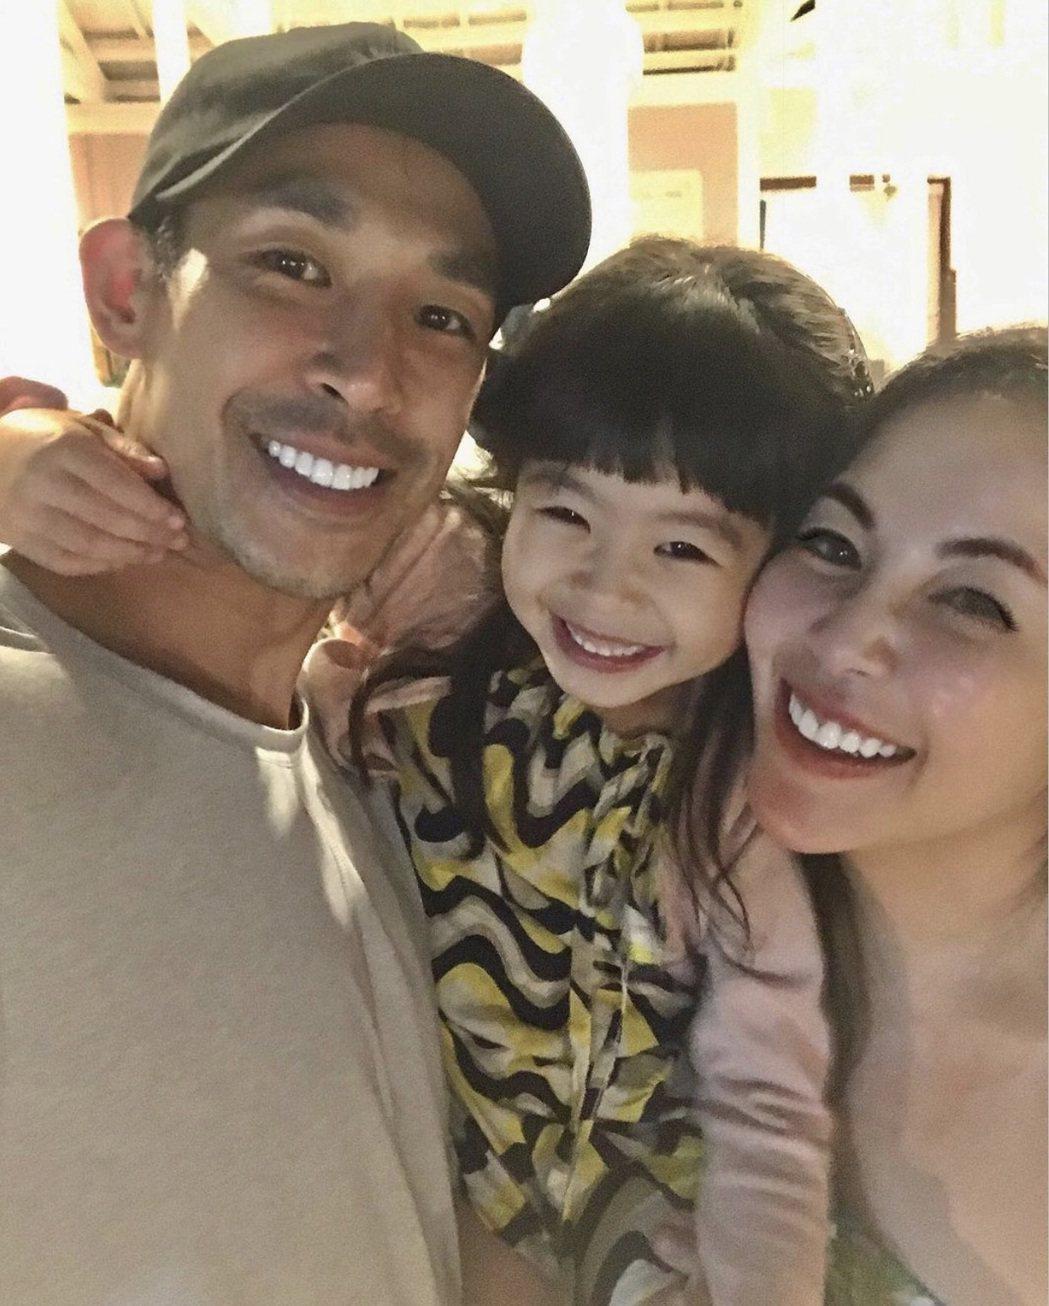 藍鈞天和老婆Fiona、女兒Riley 一家三口超幸福。圖/摘自IG